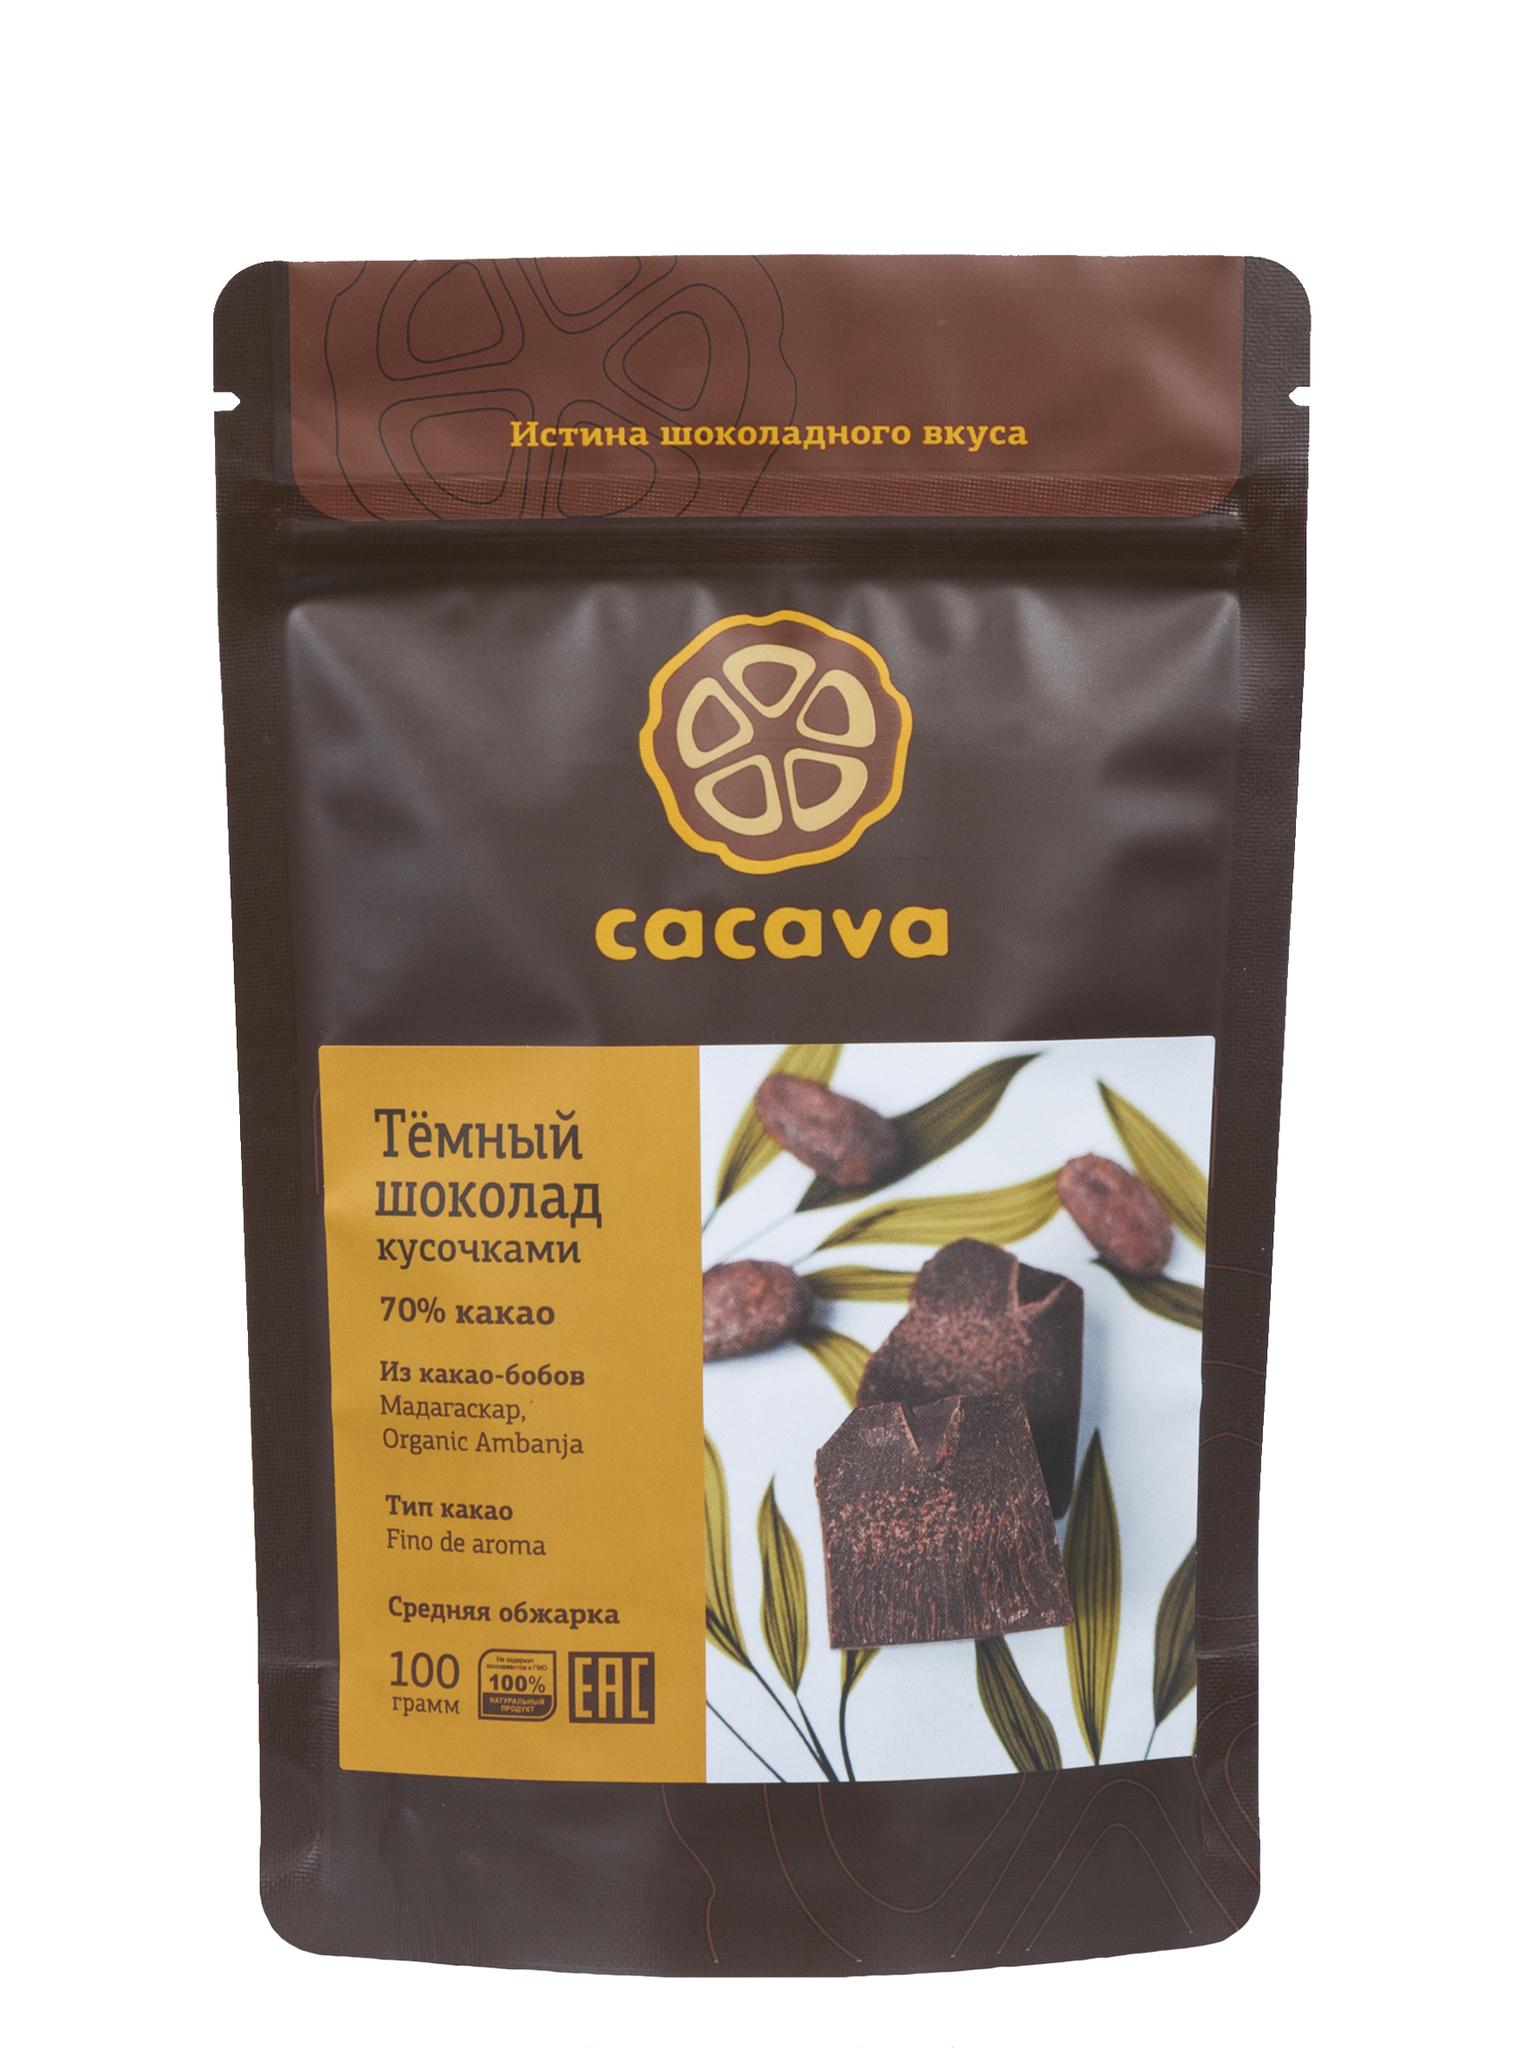 Тёмный шоколад 70 % какао (Мадагаскар), упаковка 100 грамм